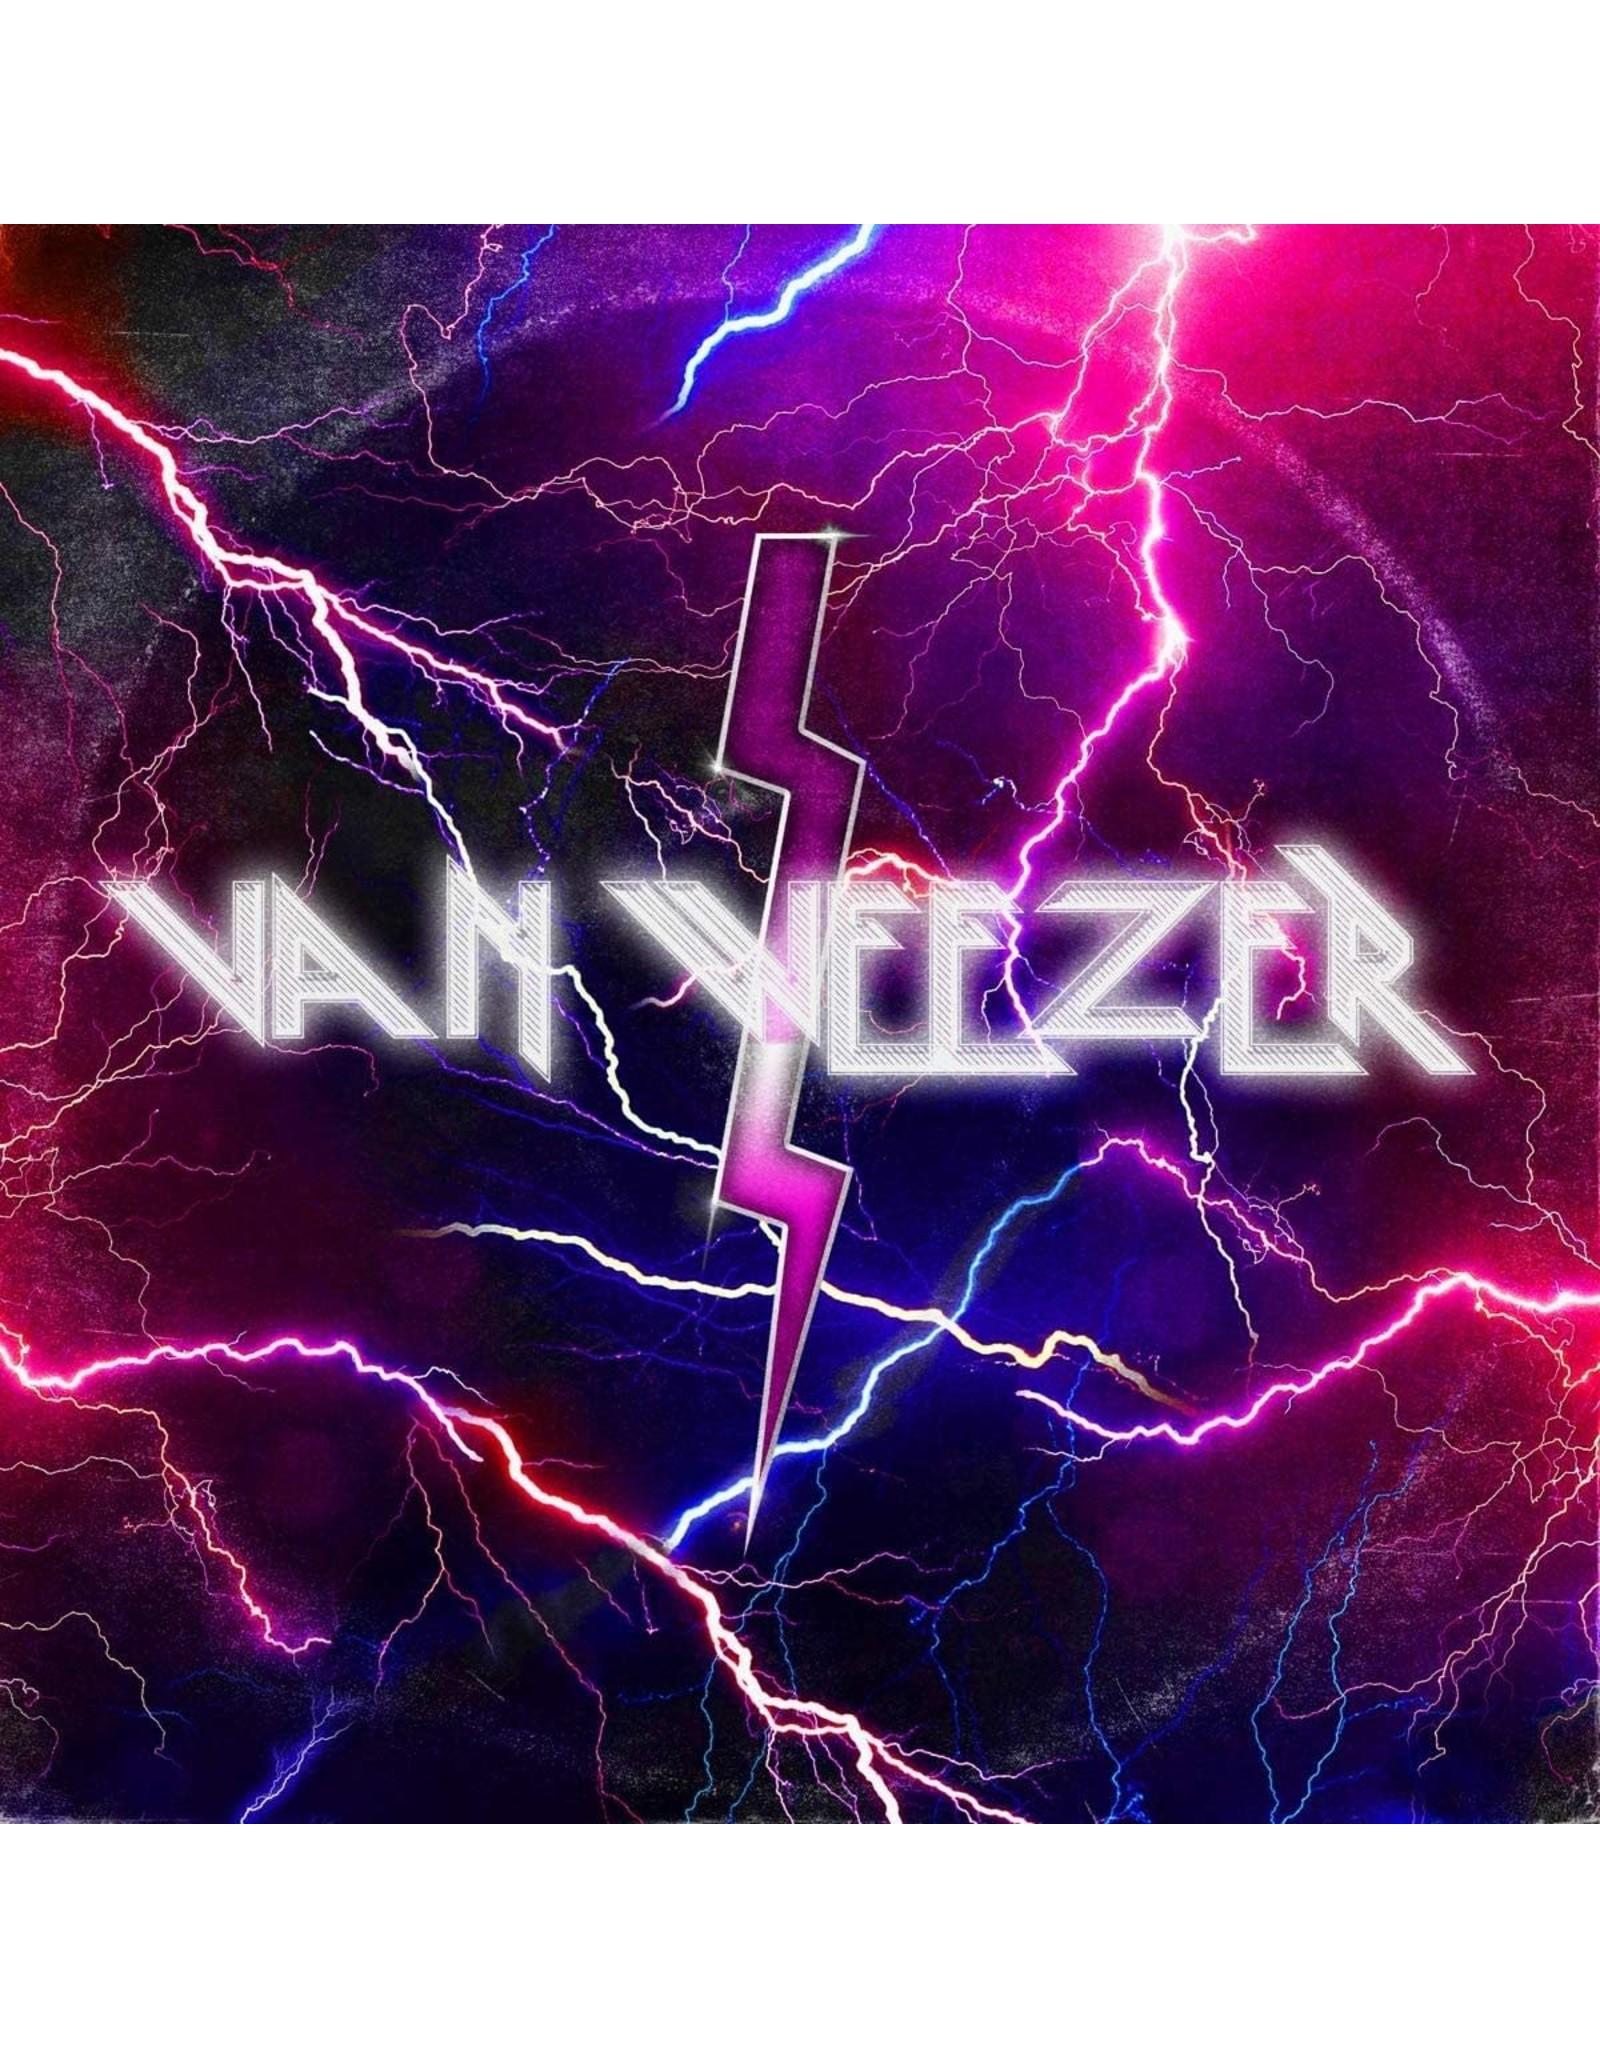 Weezer - Van Weezer (Exclusive Neon Pink Vinyl)